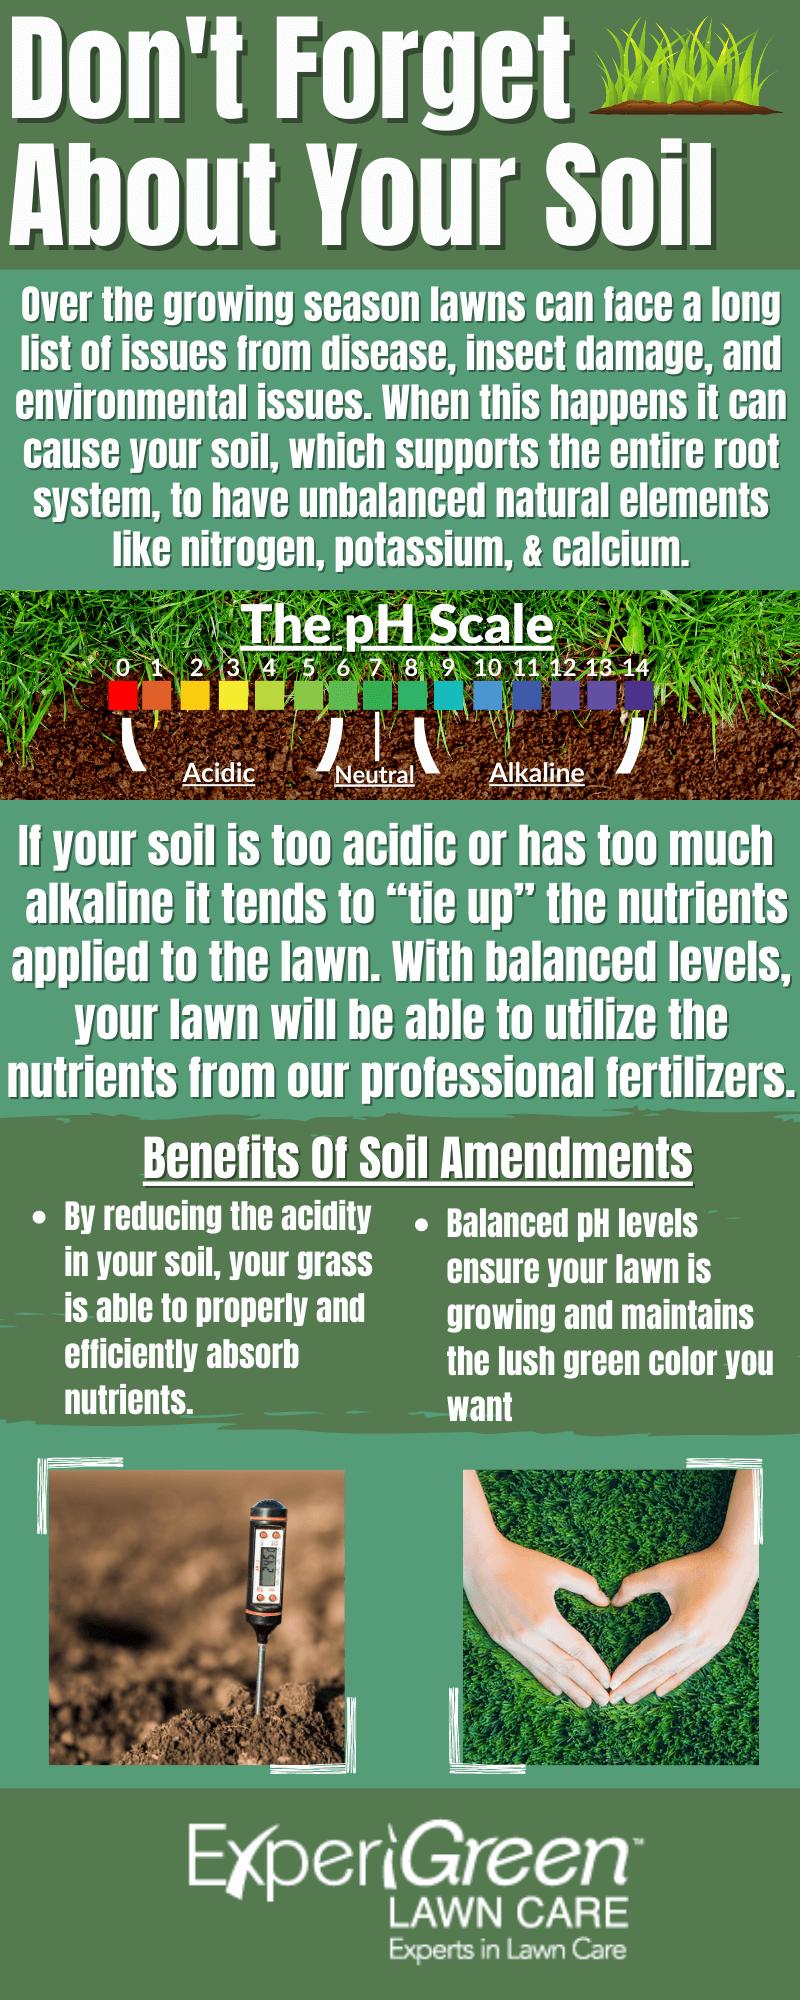 Lawn Soil Amendment Infographic